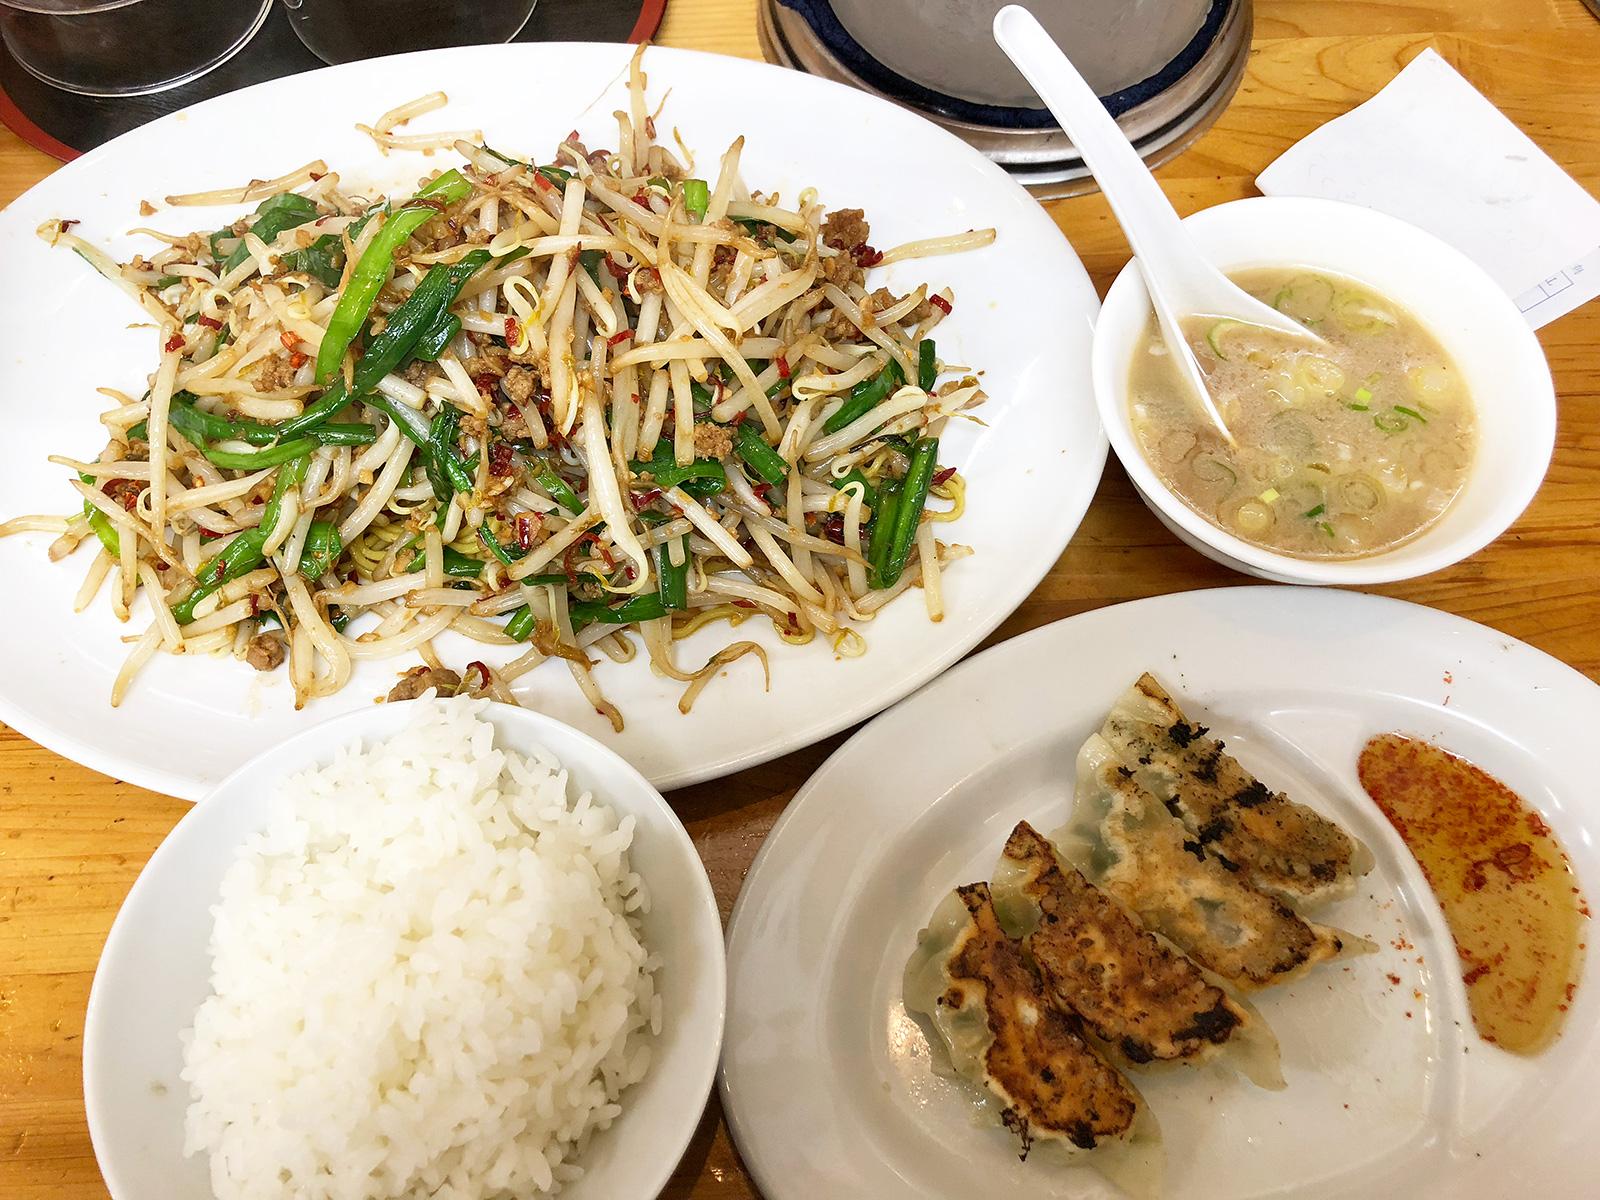 「中華料理 人生餃子」の皿台湾と餃子 @昭和橋